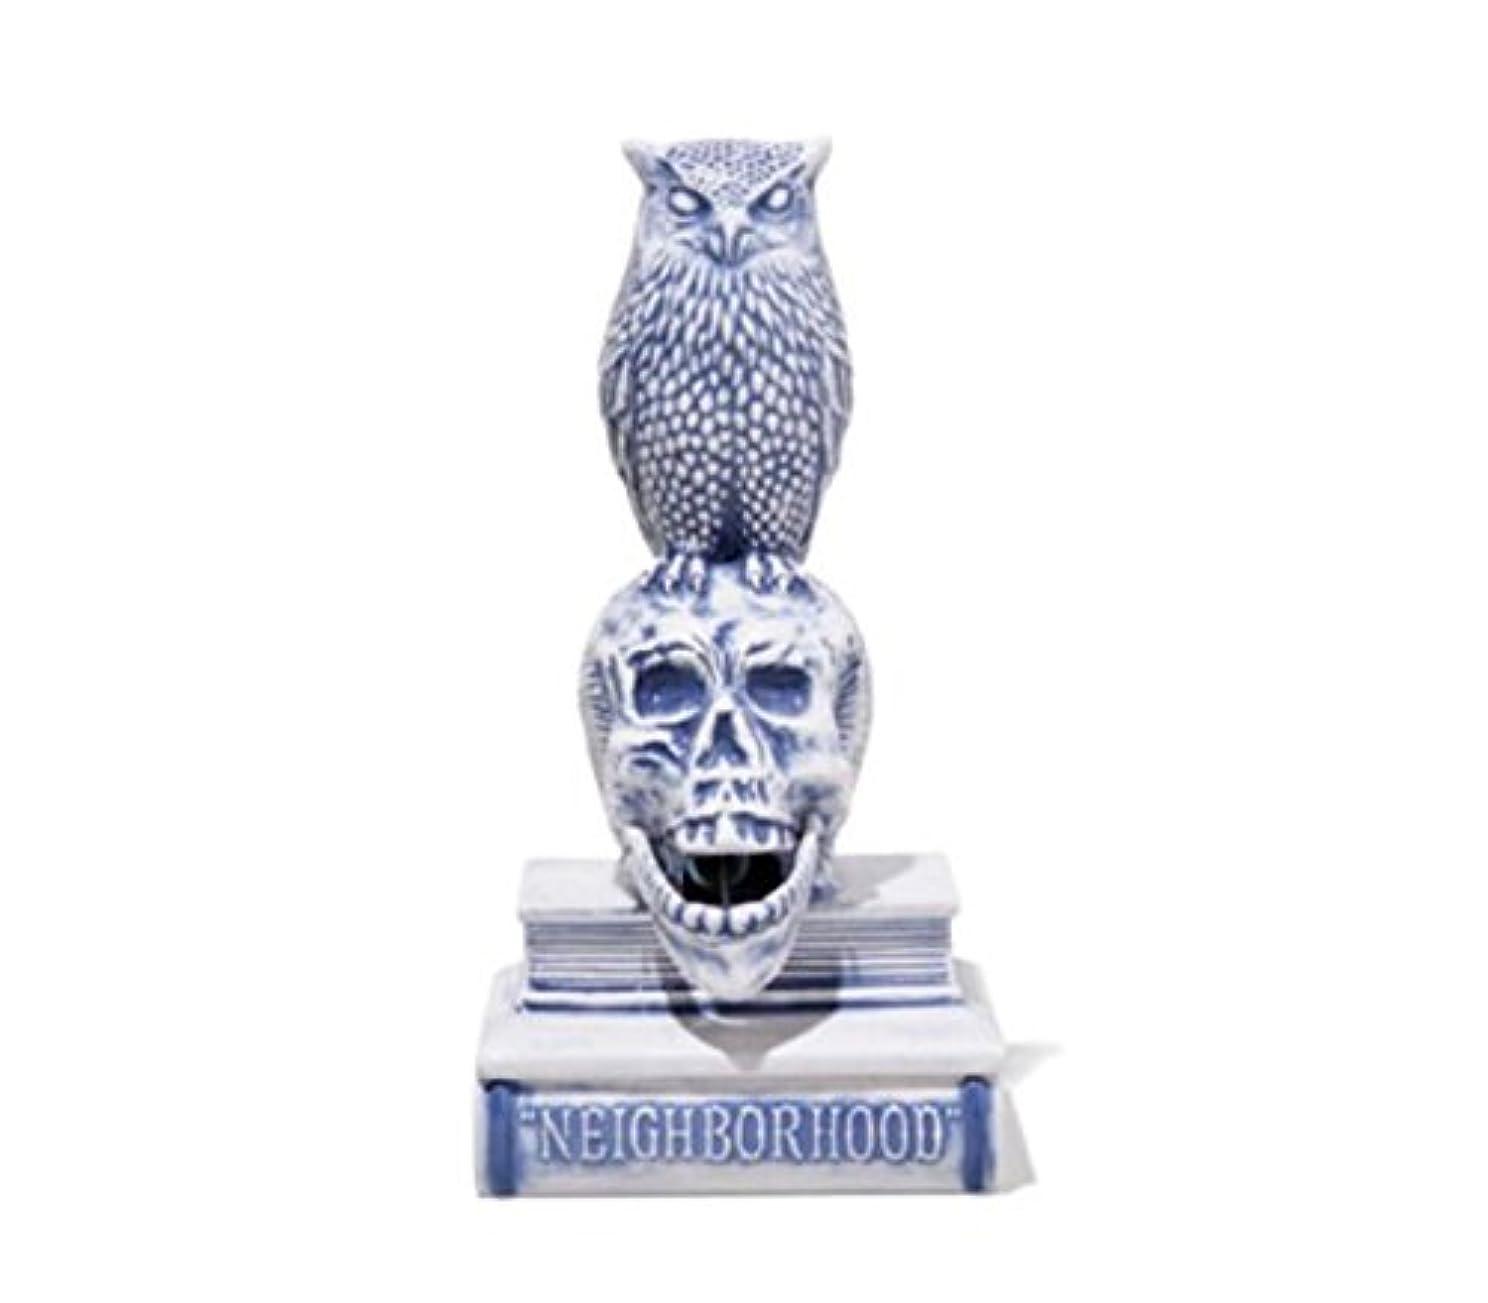 単調なパテ調べる18SS NEIGHBORHOOD OWL-B / CE-INCENSE CHAMBER お香立て